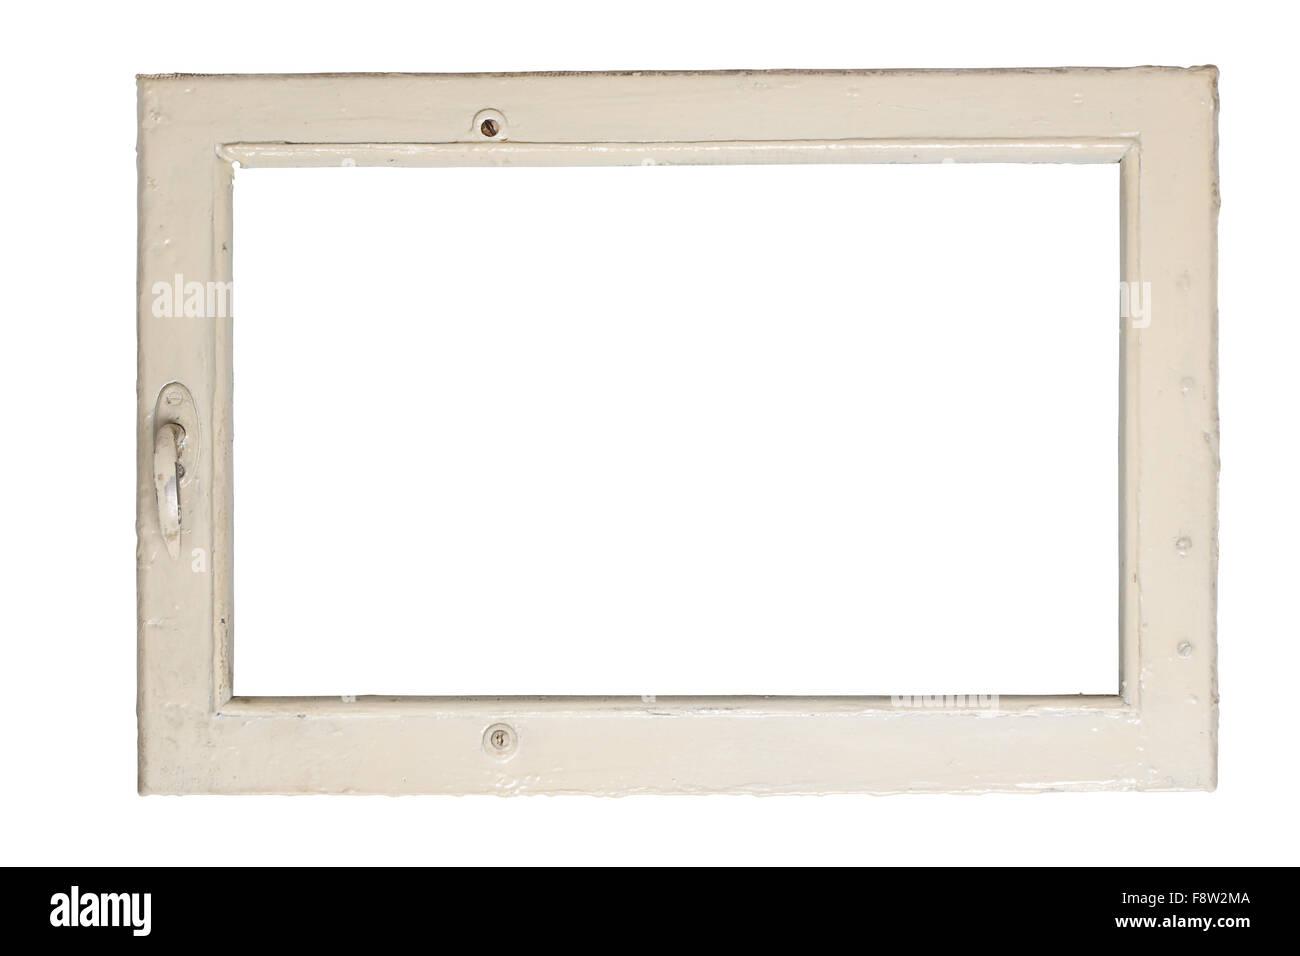 Old Window Frame Stock Photo: 91520026 - Alamy